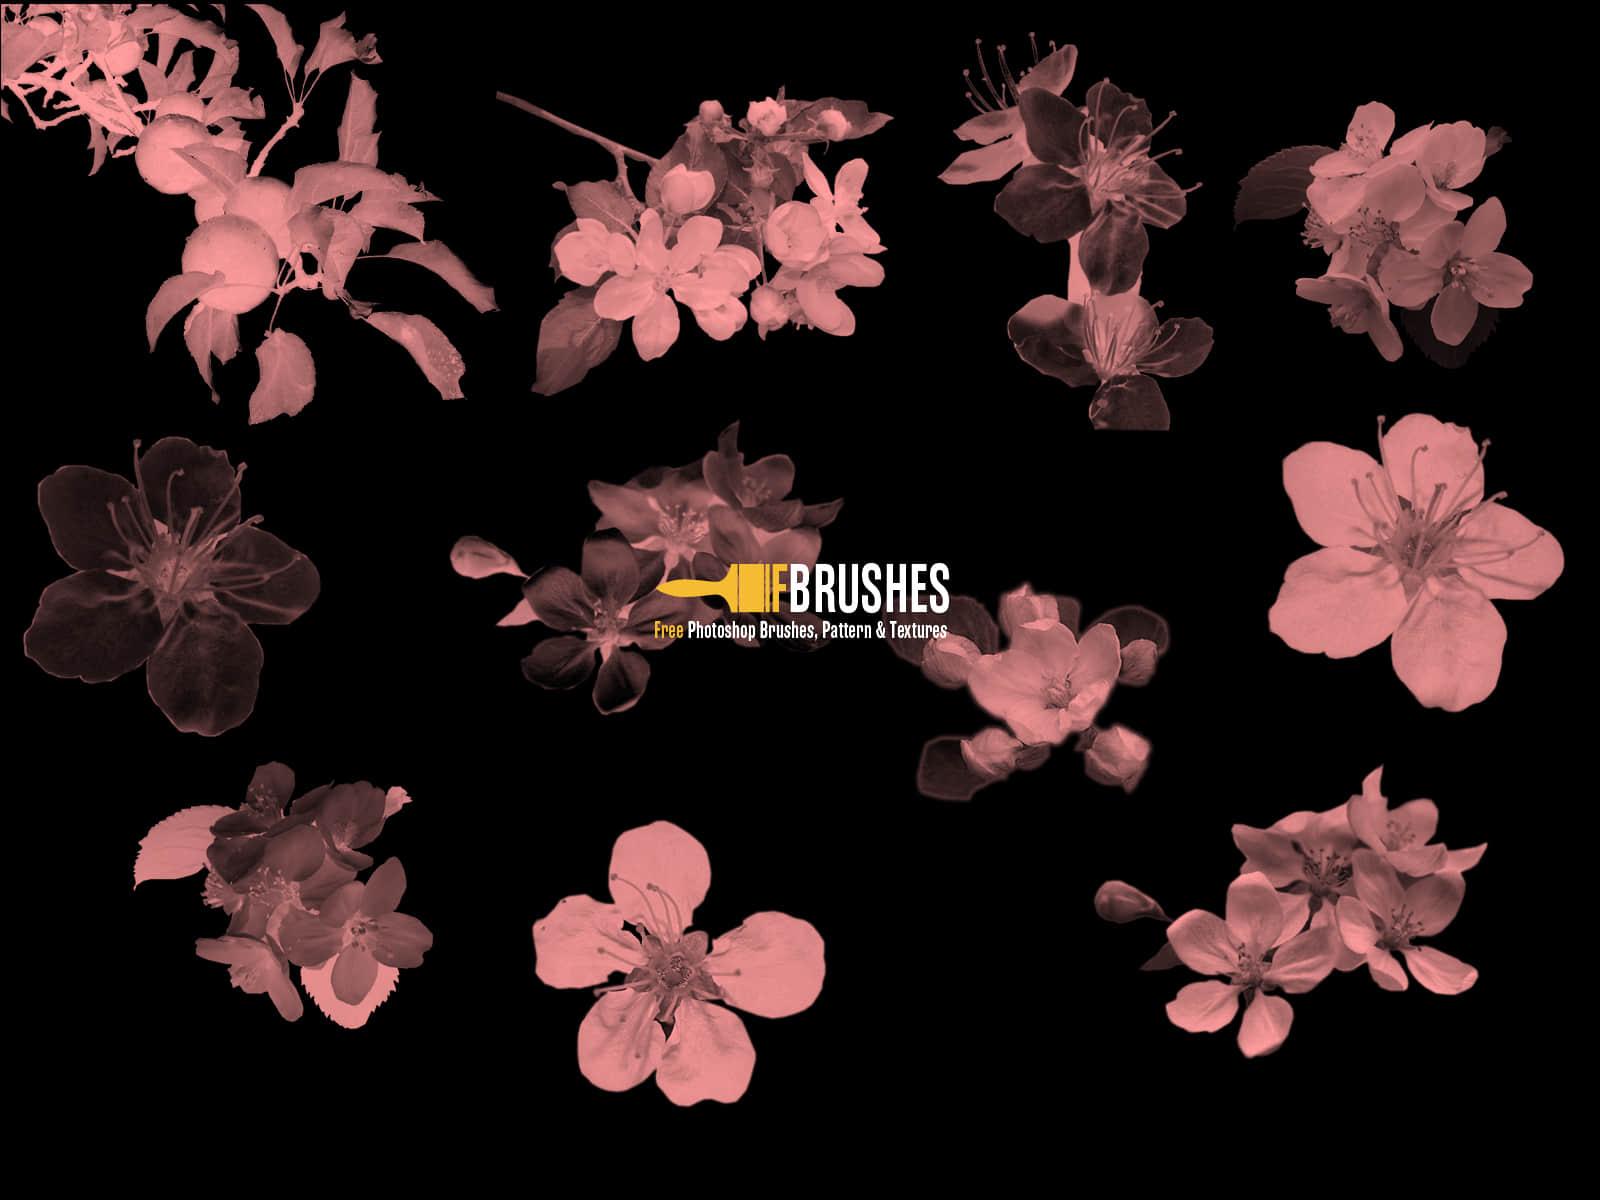 苹果花朵、鲜花PS笔刷下载 鲜花笔刷 花朵笔刷  plants brushes